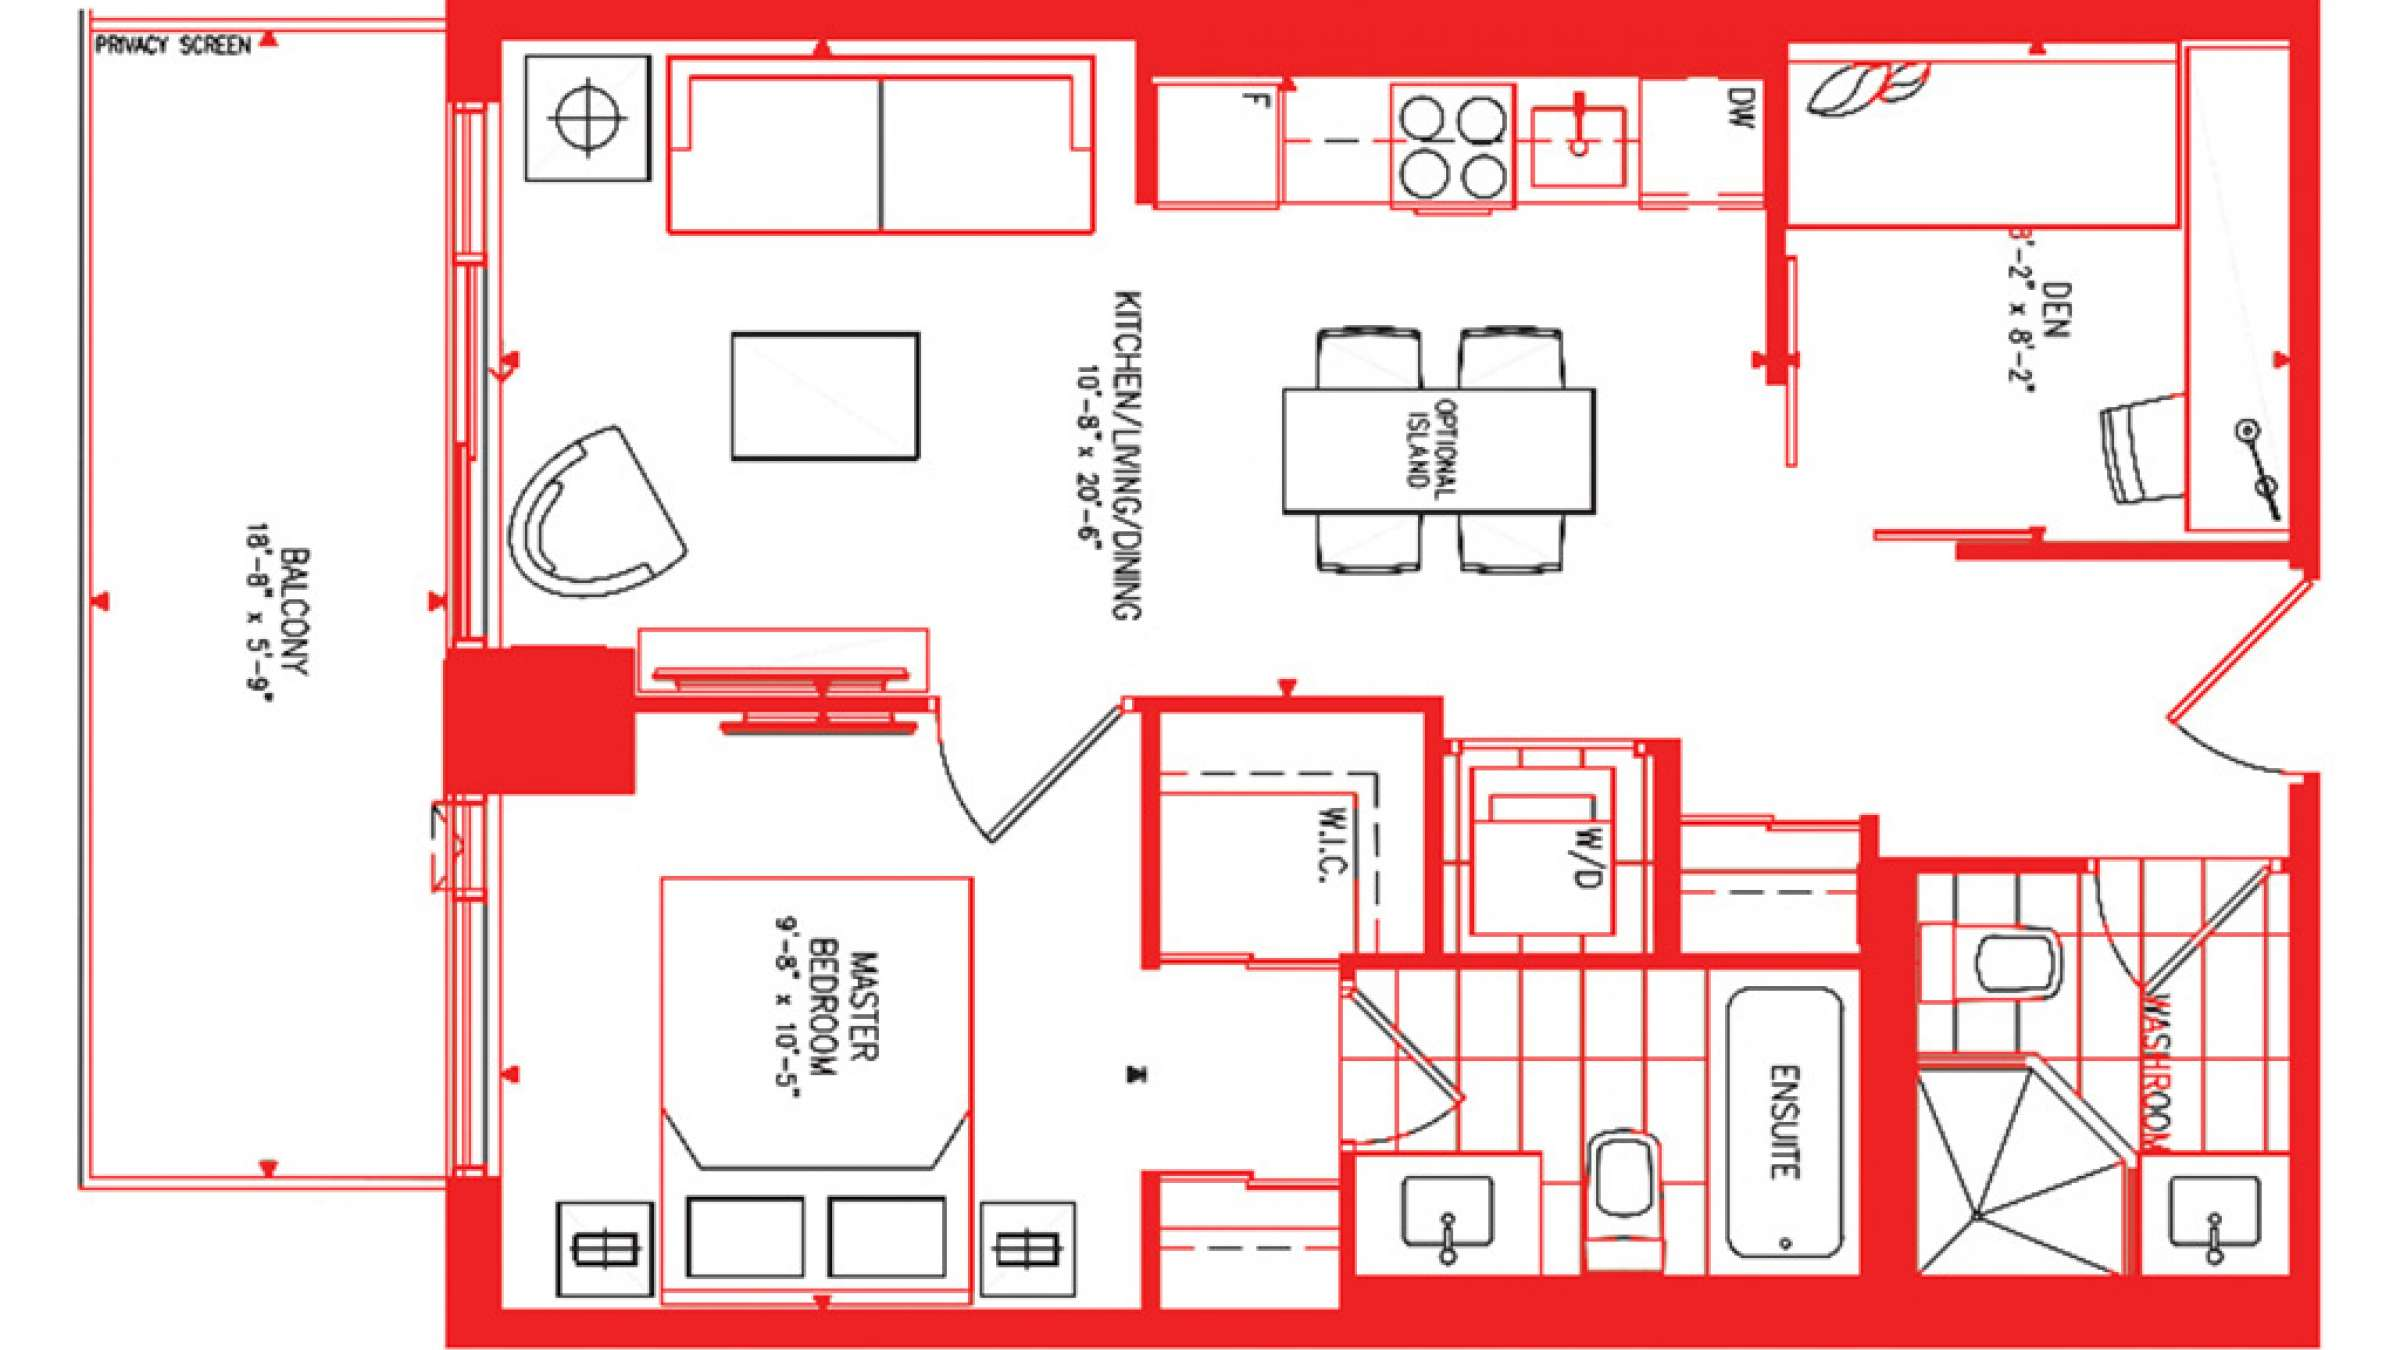 املاک-سیروسی-پیشخرید-آپارتمان-در-لورنس-و-اونیورود-با-قیمت-باورنکردنی